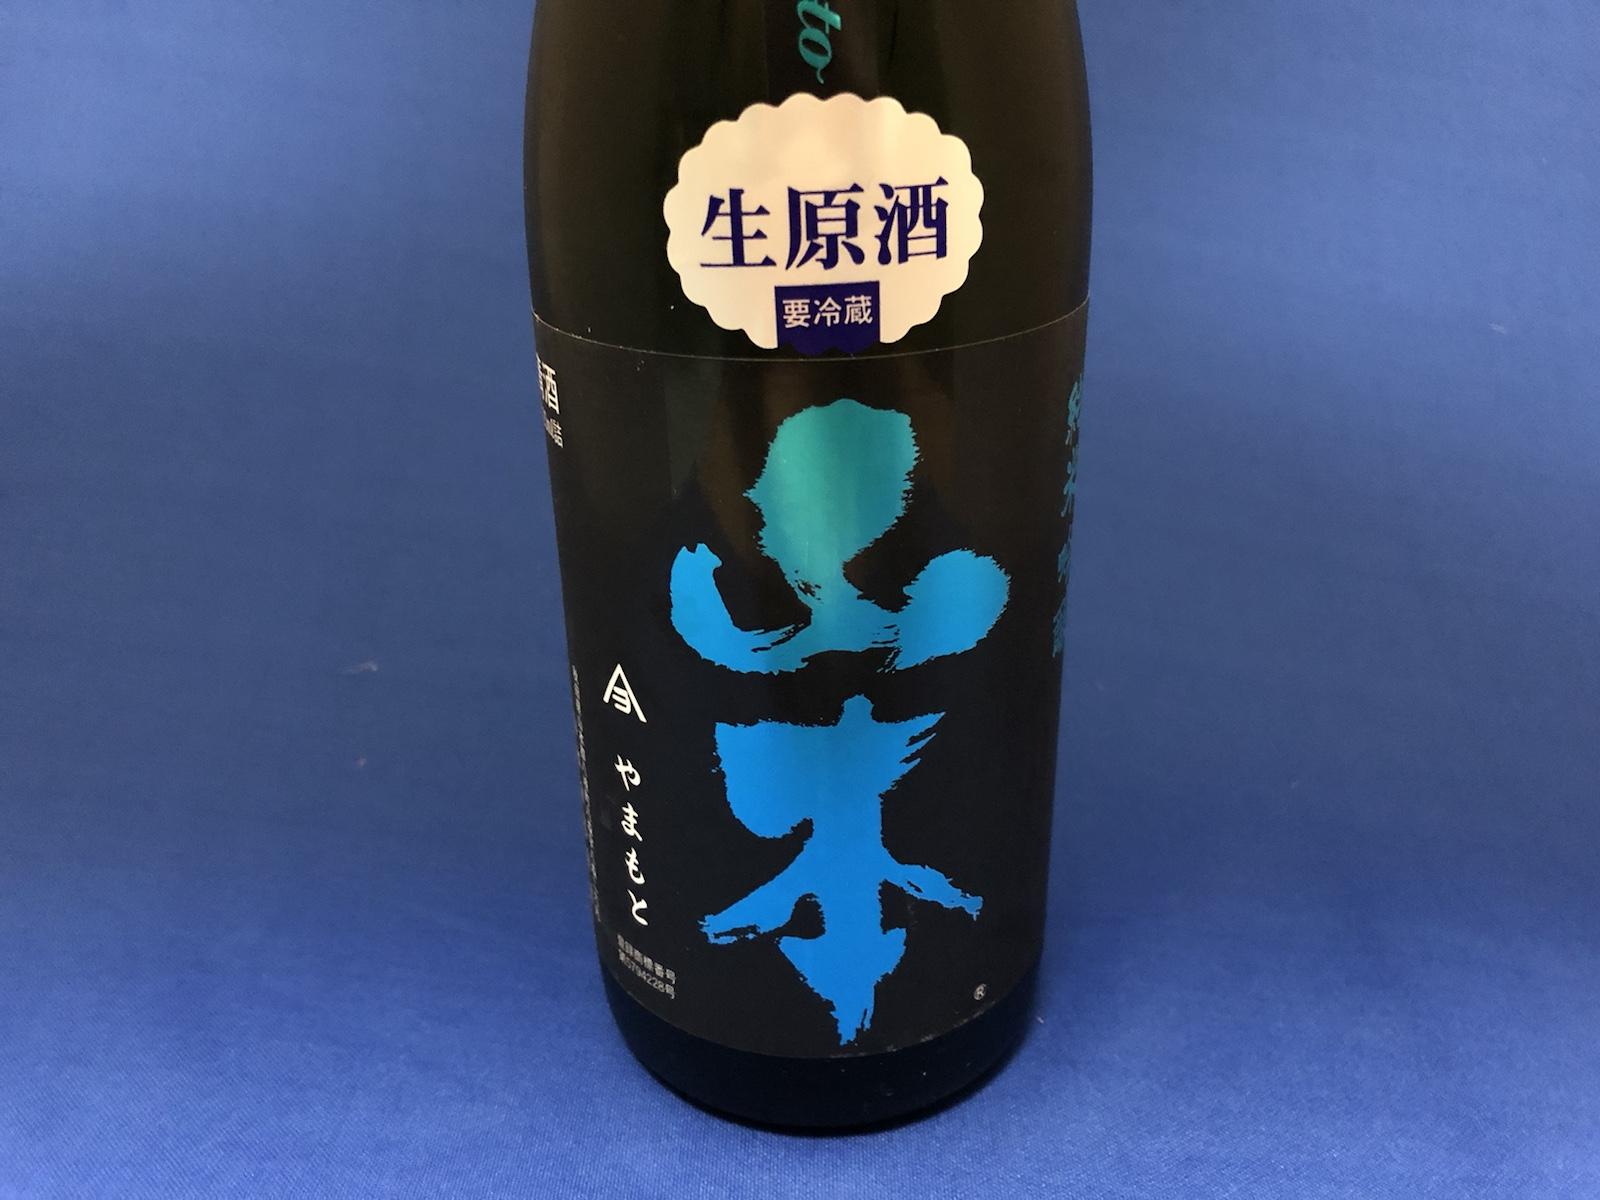 深く蒼く広がる旨み…「山本 ミッドナイトブルー」純米吟醸